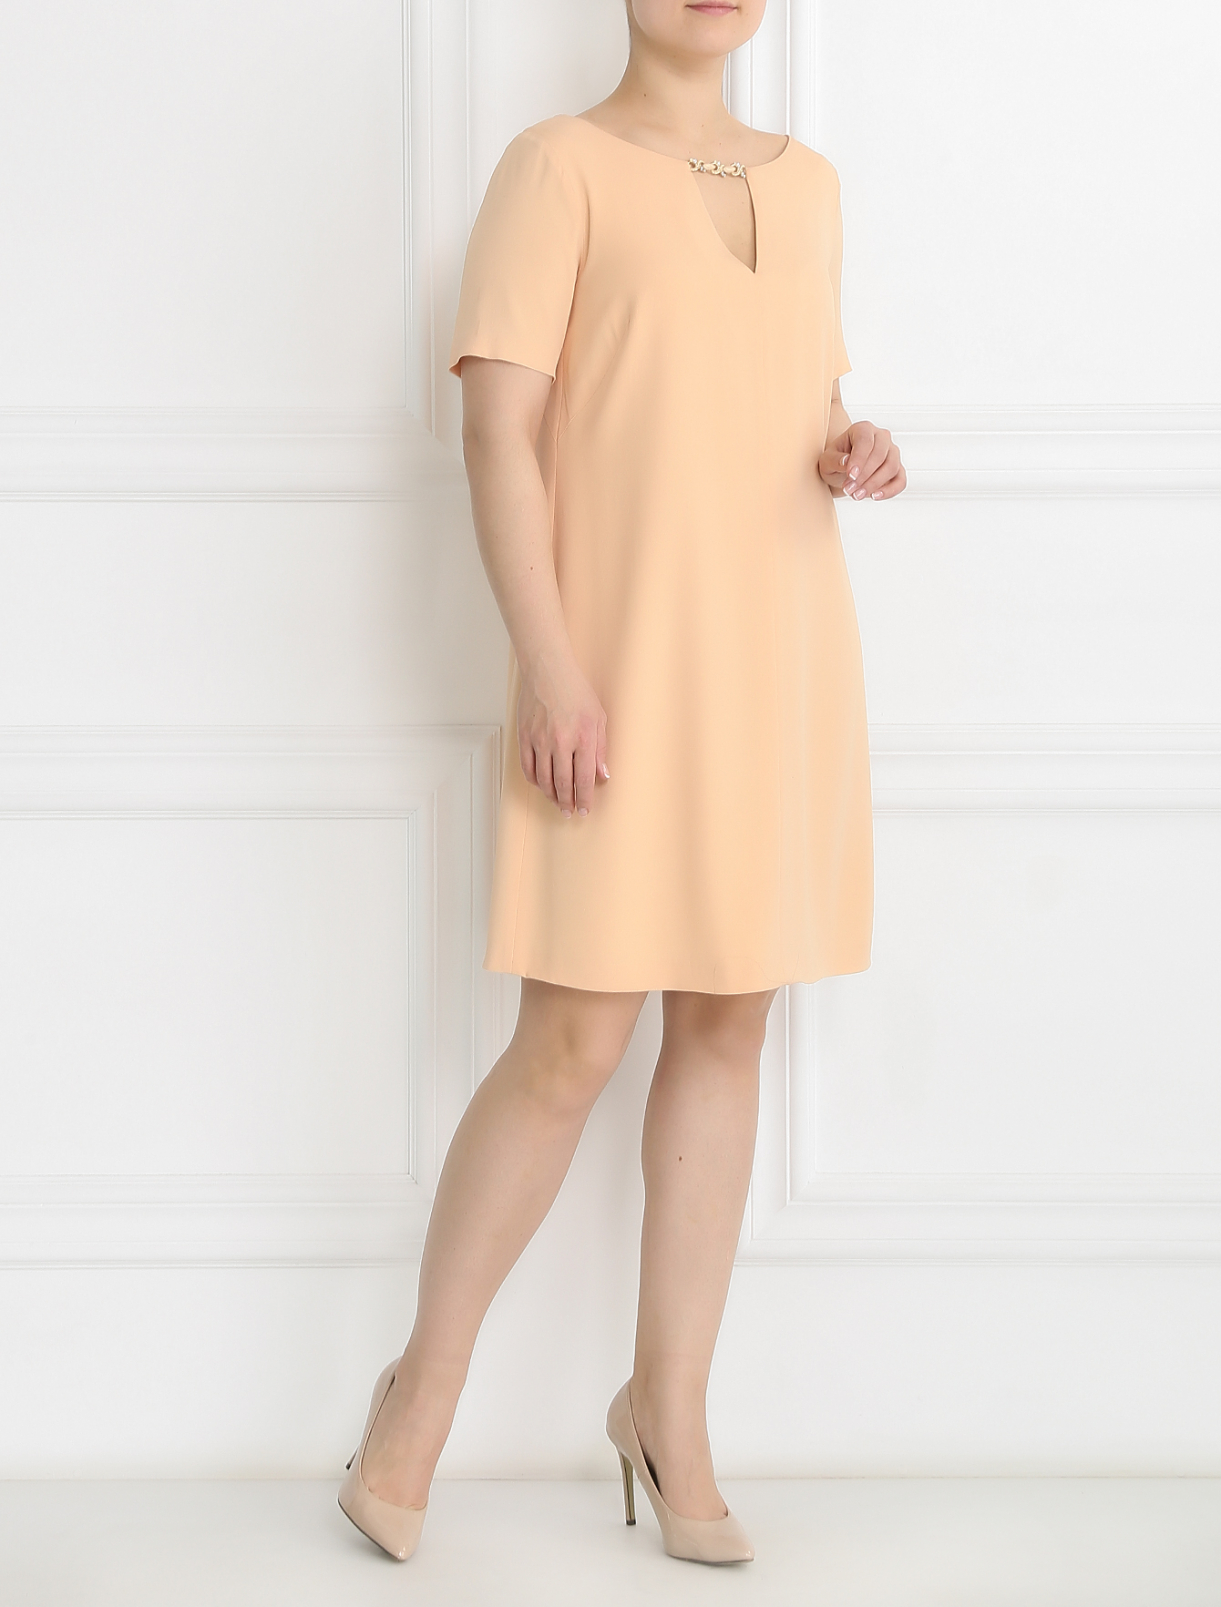 Платье-мини с декоративной фурнитурой с кристаллами Marina Rinaldi  –  Модель Общий вид